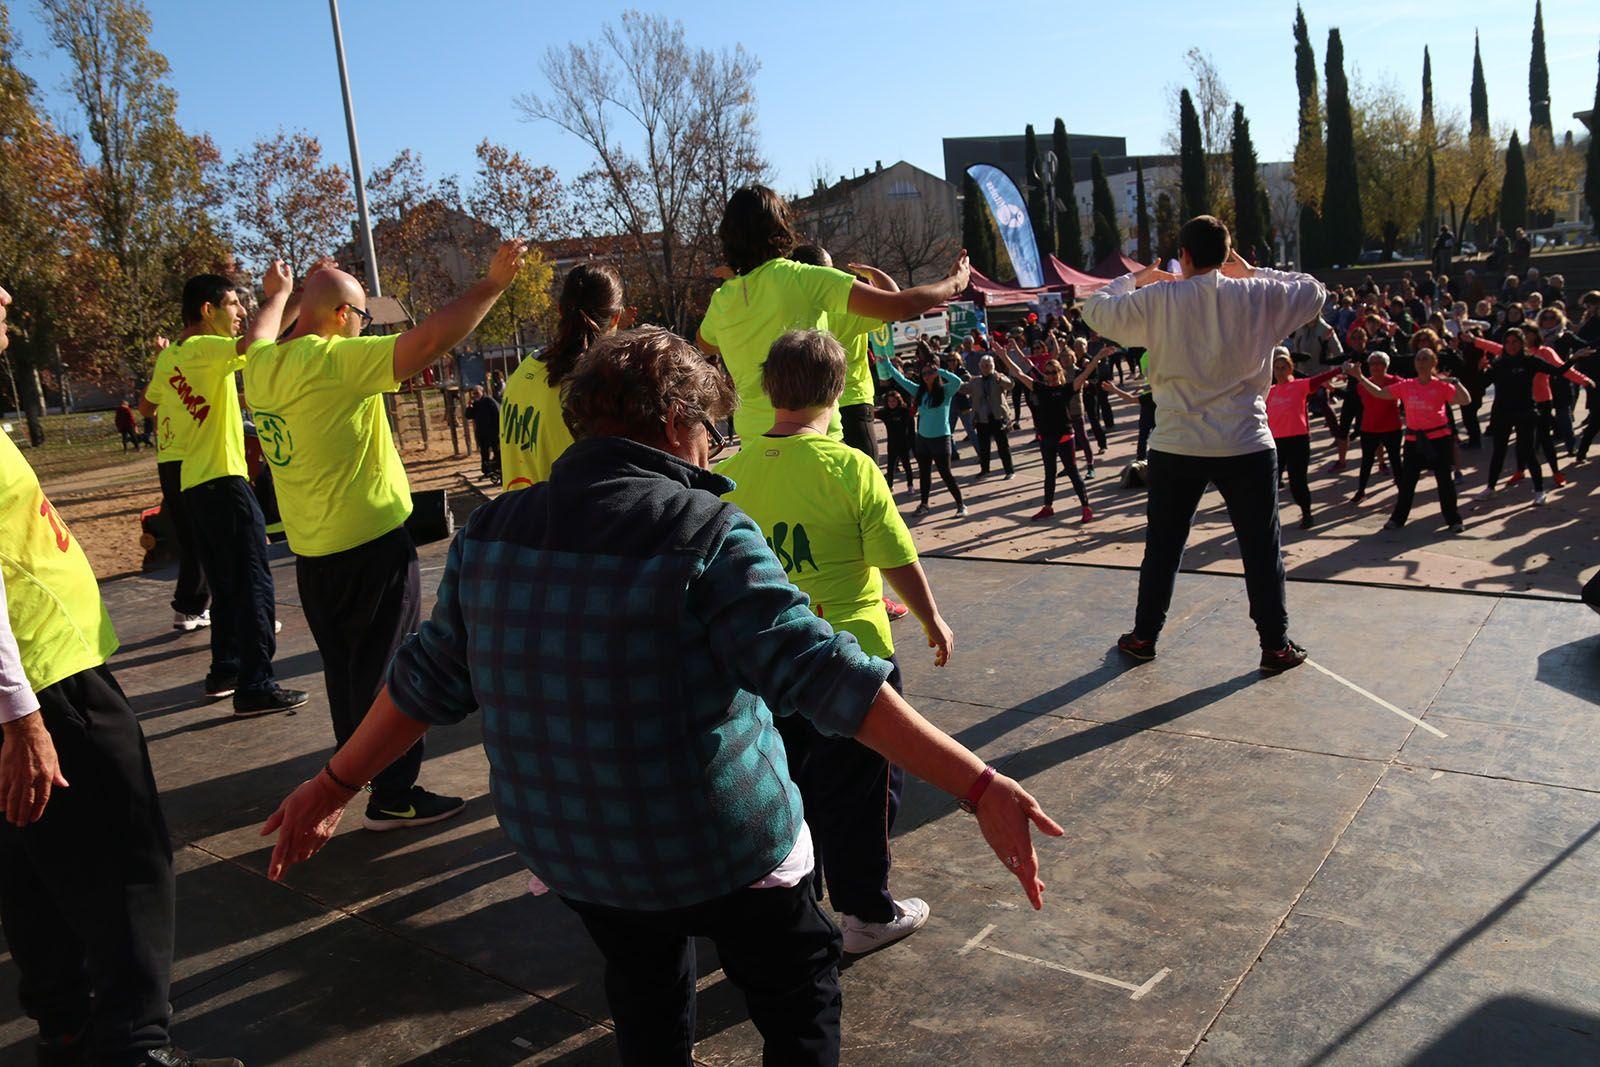 Activitats per al dia de la discapacitat. Foto: Lali Álvarez